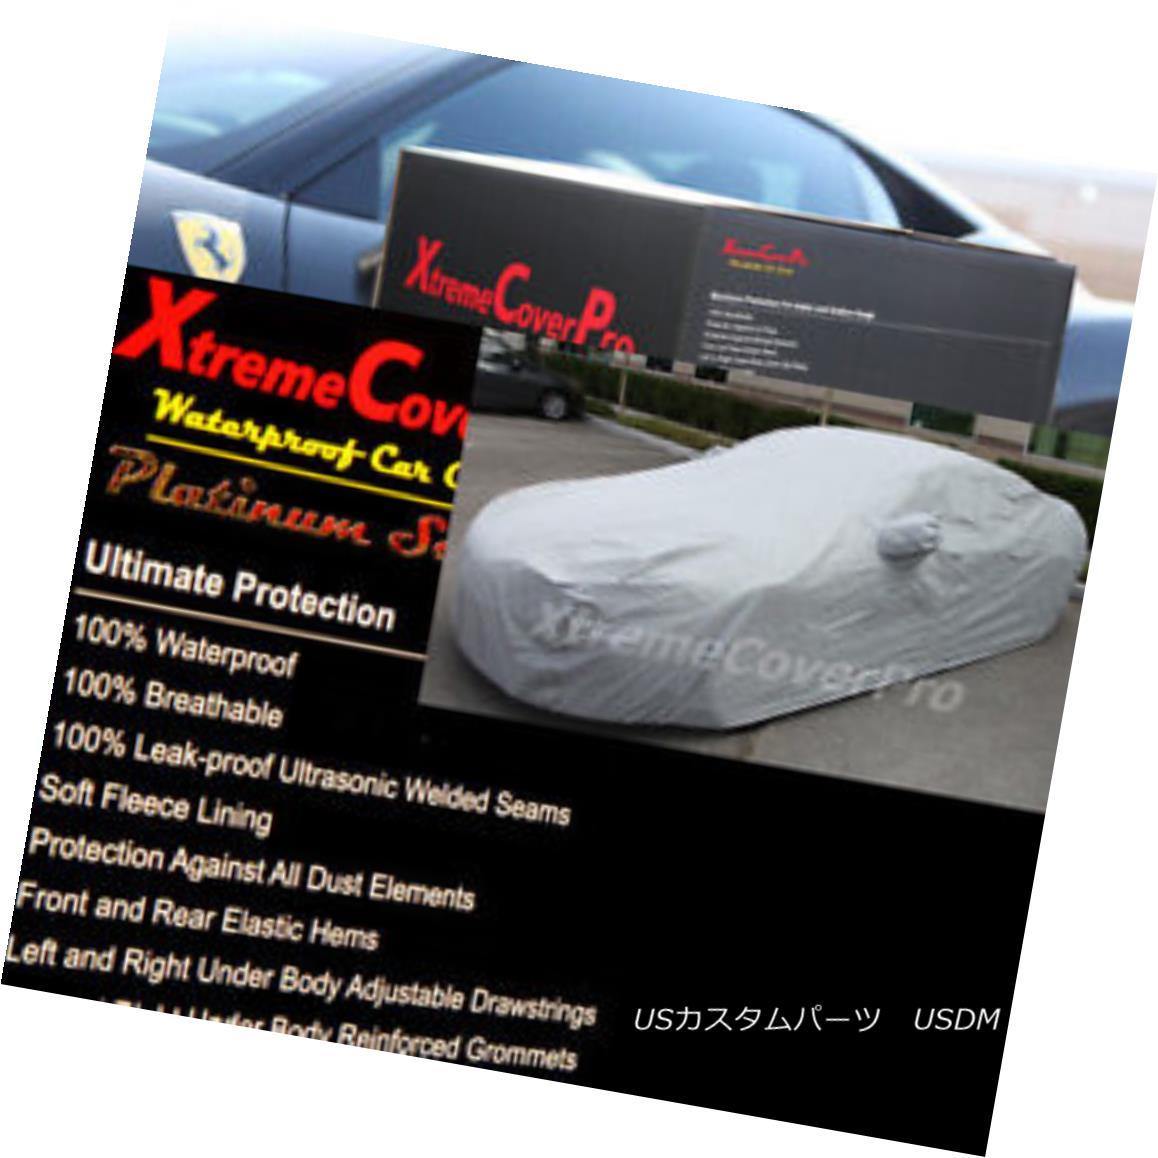 カーカバー 2006 2007 2008 2009 2010 Volkswagen Passat Waterproof Car Cover w/MirrorPocket 2006 2007 2008 2009 2010 Volkswagen Passat防水カーカバー付きMirrorPocket